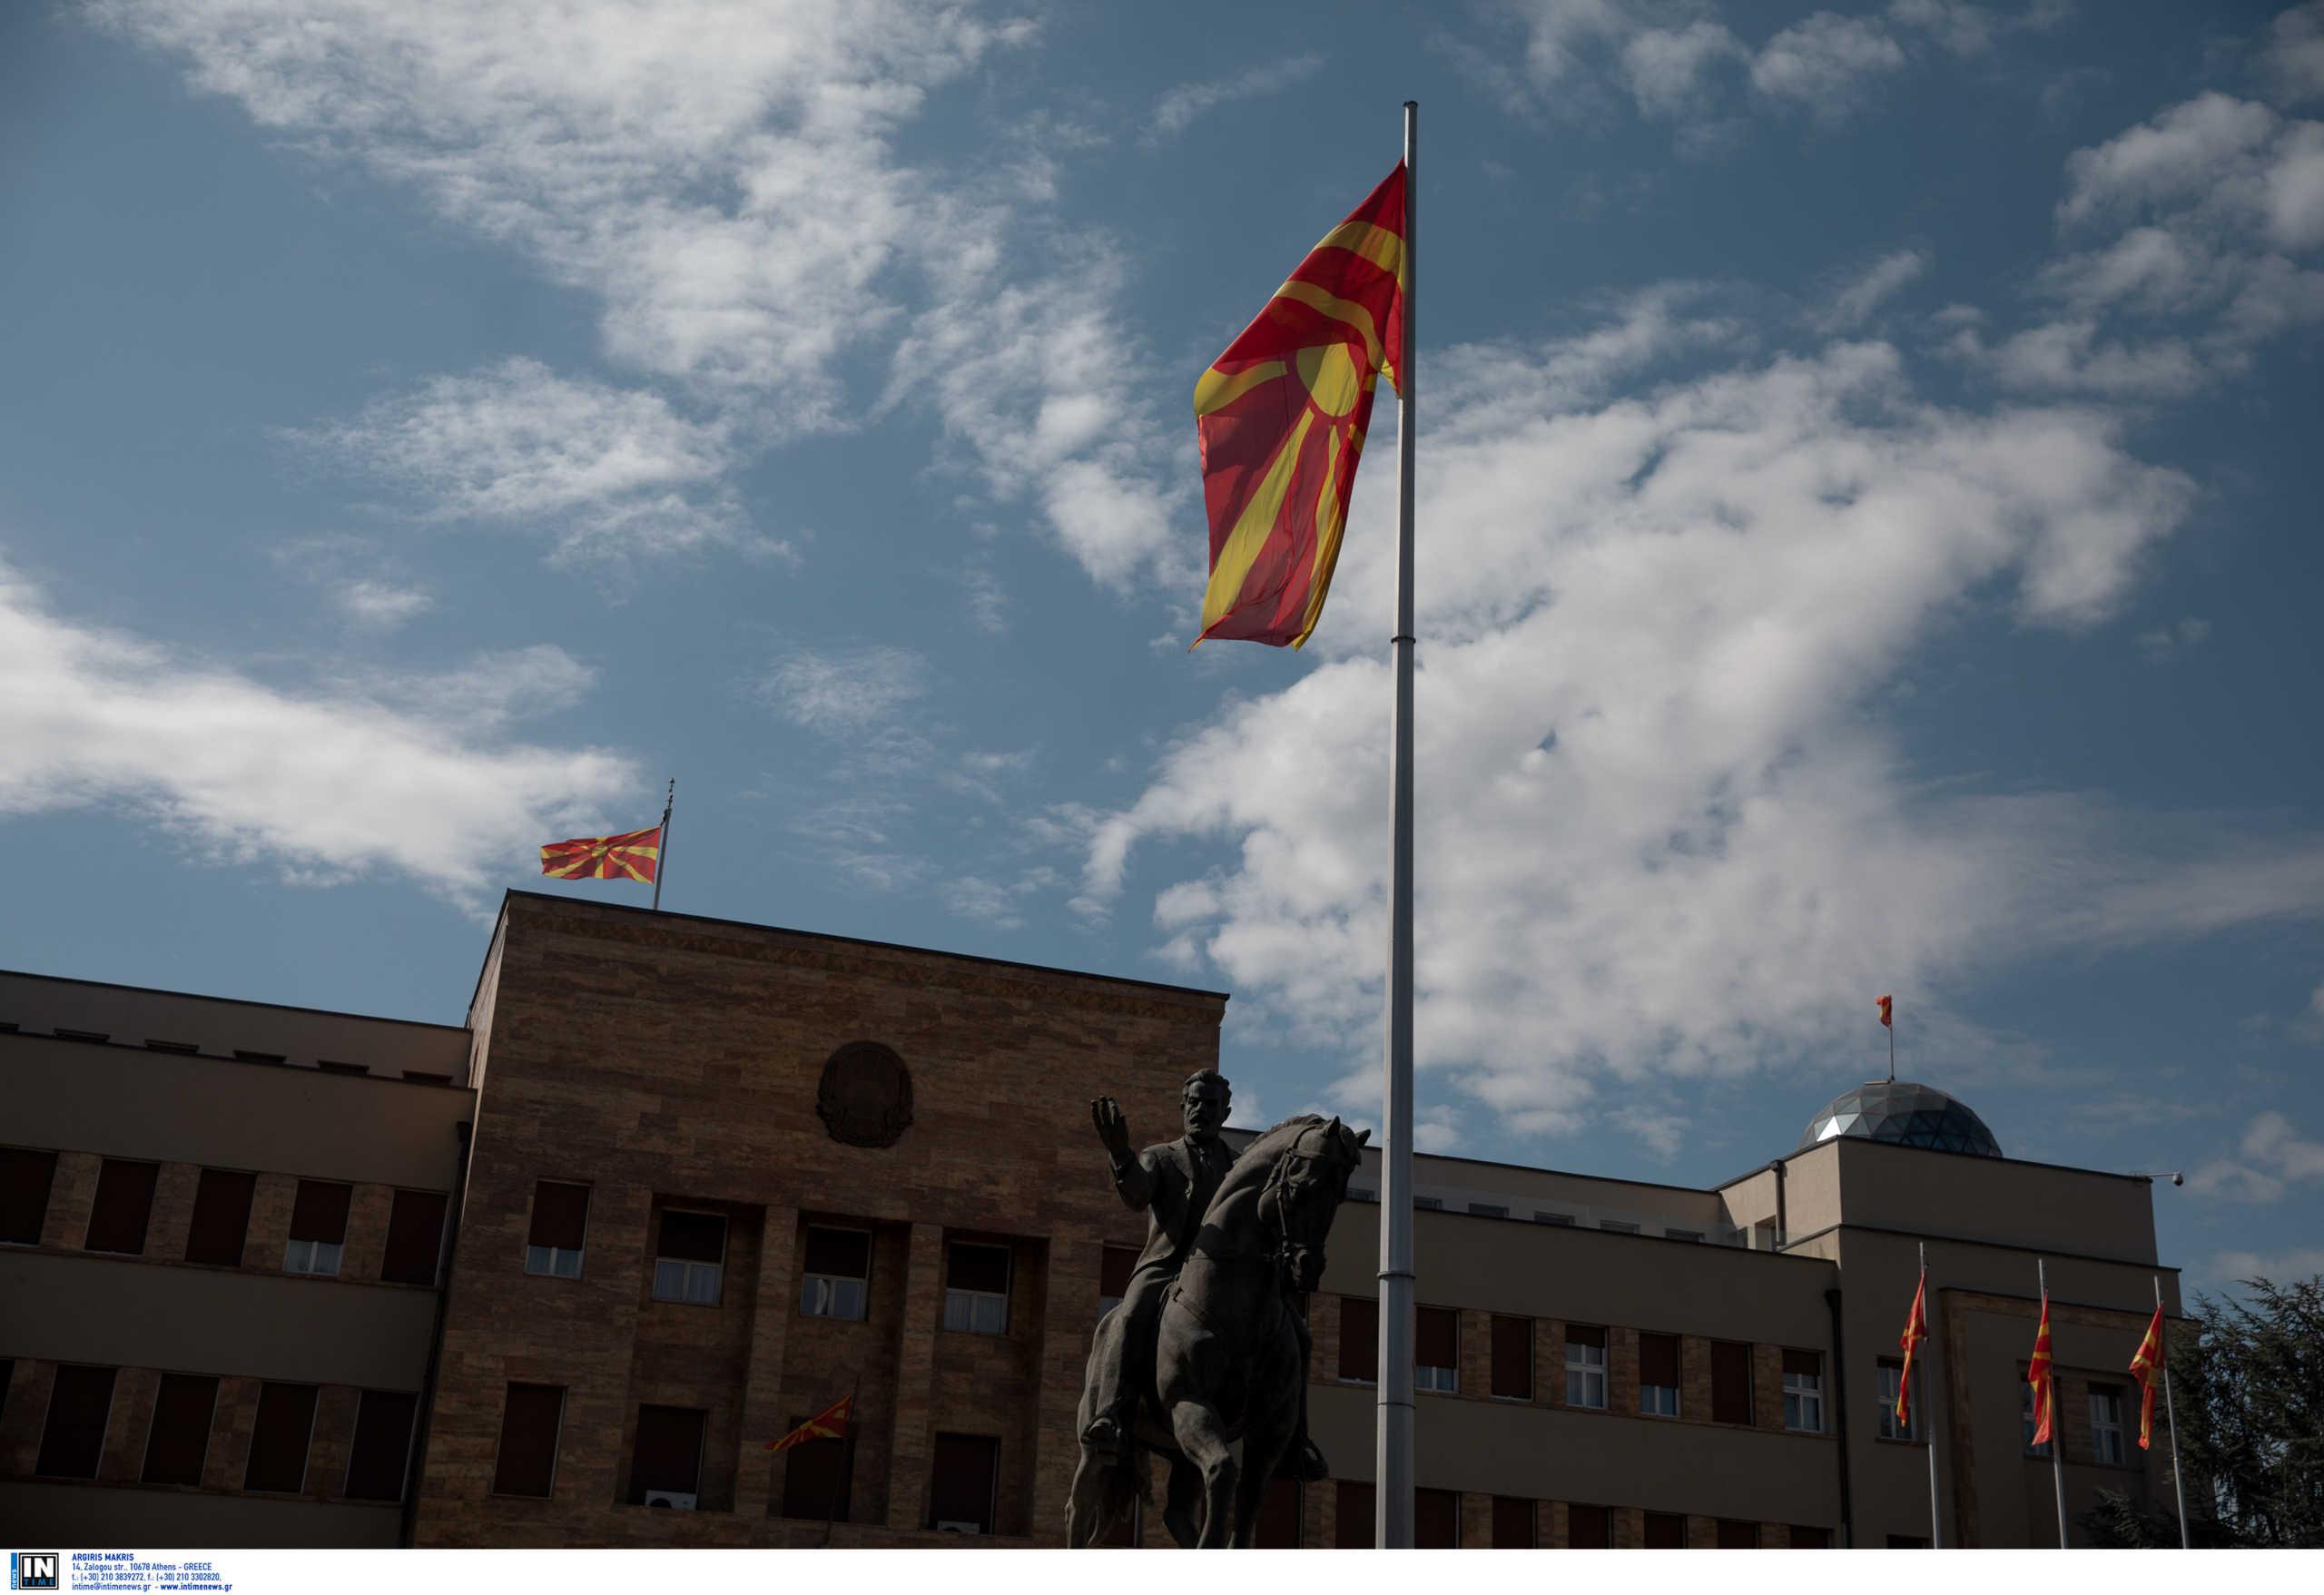 Η Βουλγαρία μπλοκάρει τις ενταξιακές διαπραγματεύσεις της ΕΕ με τη Βόρεια Μακεδονία